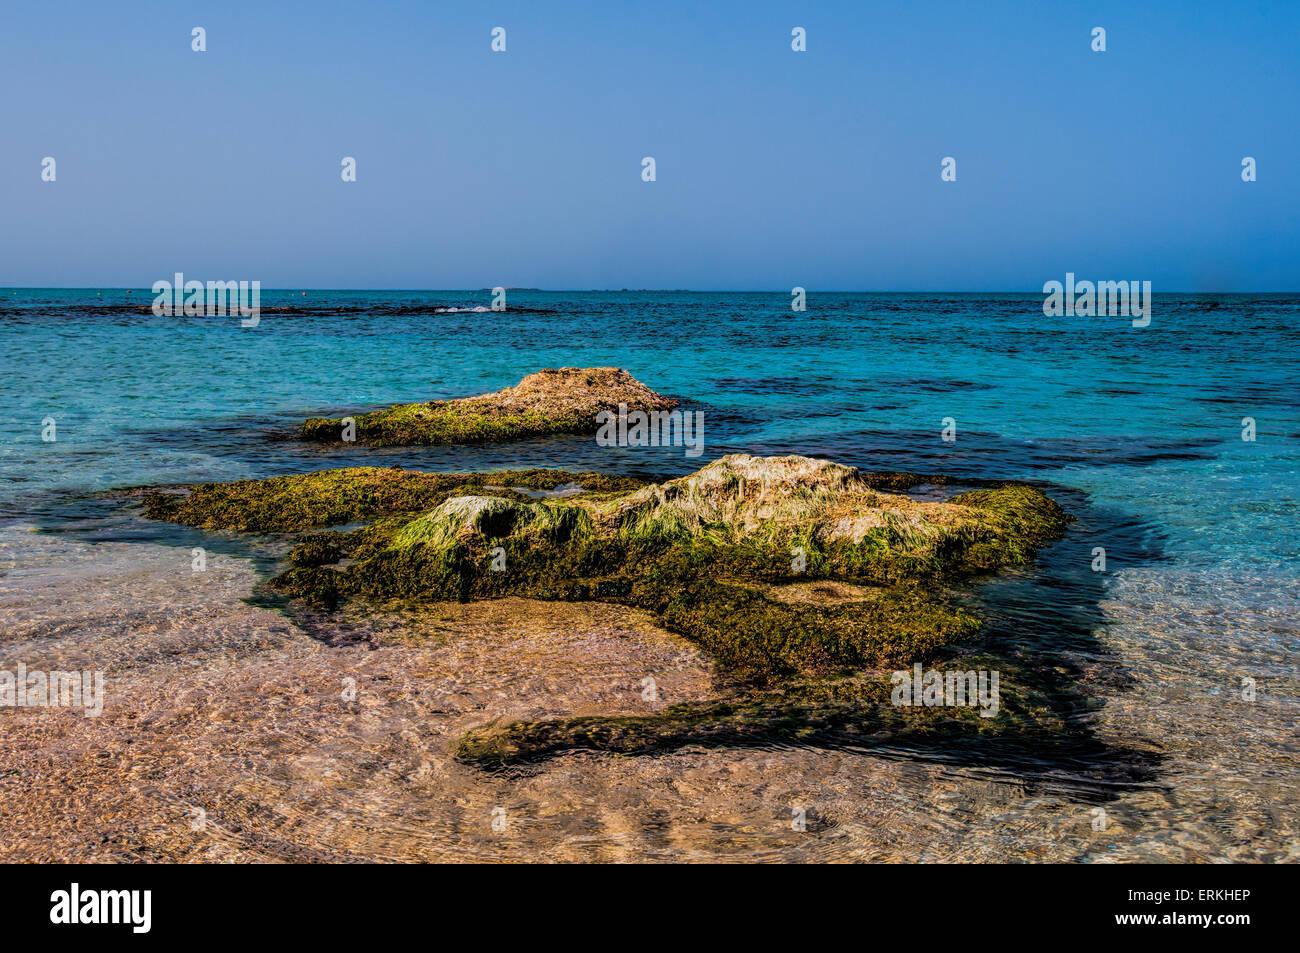 Kleine Insel in der Nähe der Küste voller Algen bei Flut Stockbild